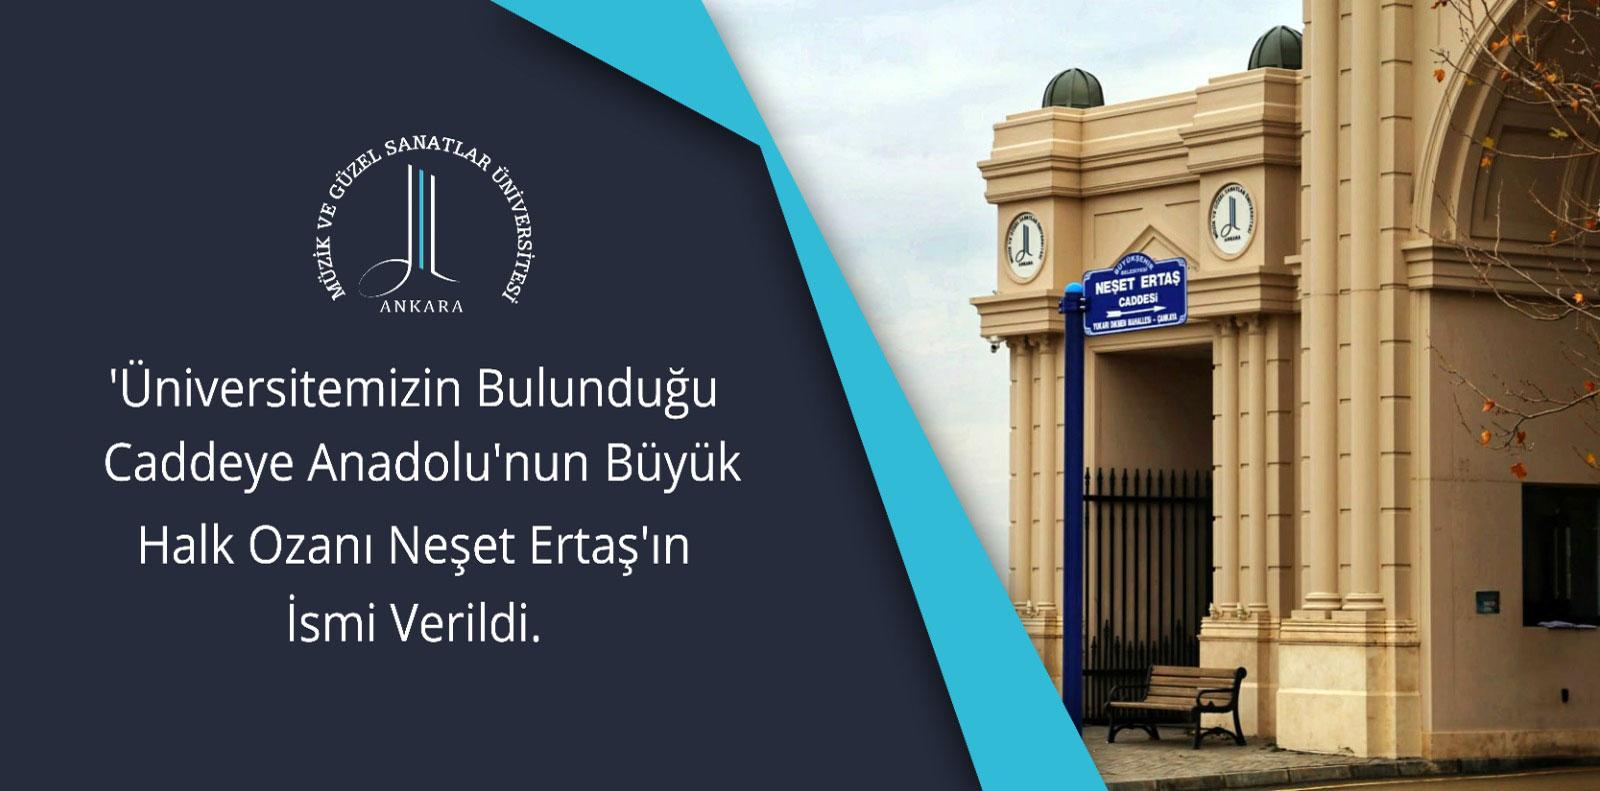 """ÜNİVERSİTEMİZİN 648. CADDE OLAN ADRESİNE """"NEŞET ERTAŞ"""" ADI VERİLDİ"""